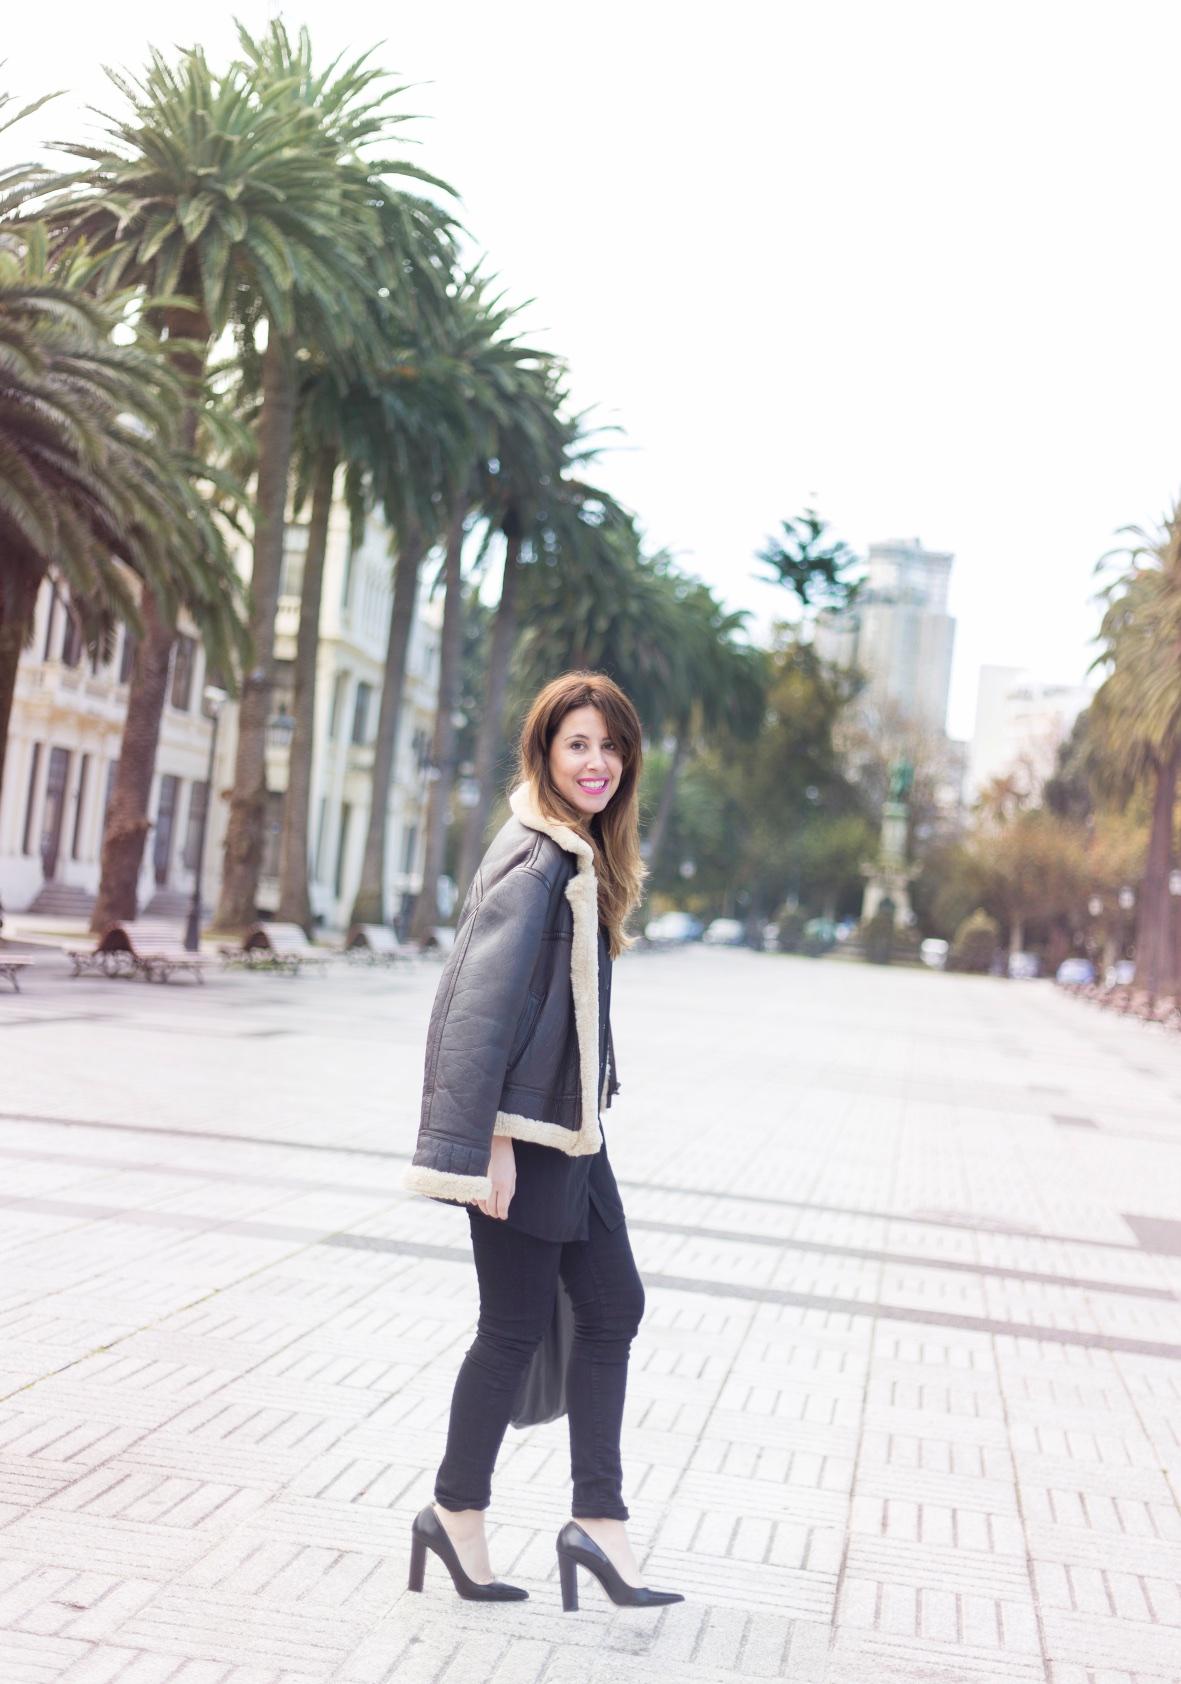 mommyblogger-style-street-coruña-moda-calle-cèline-descalzaporelparque